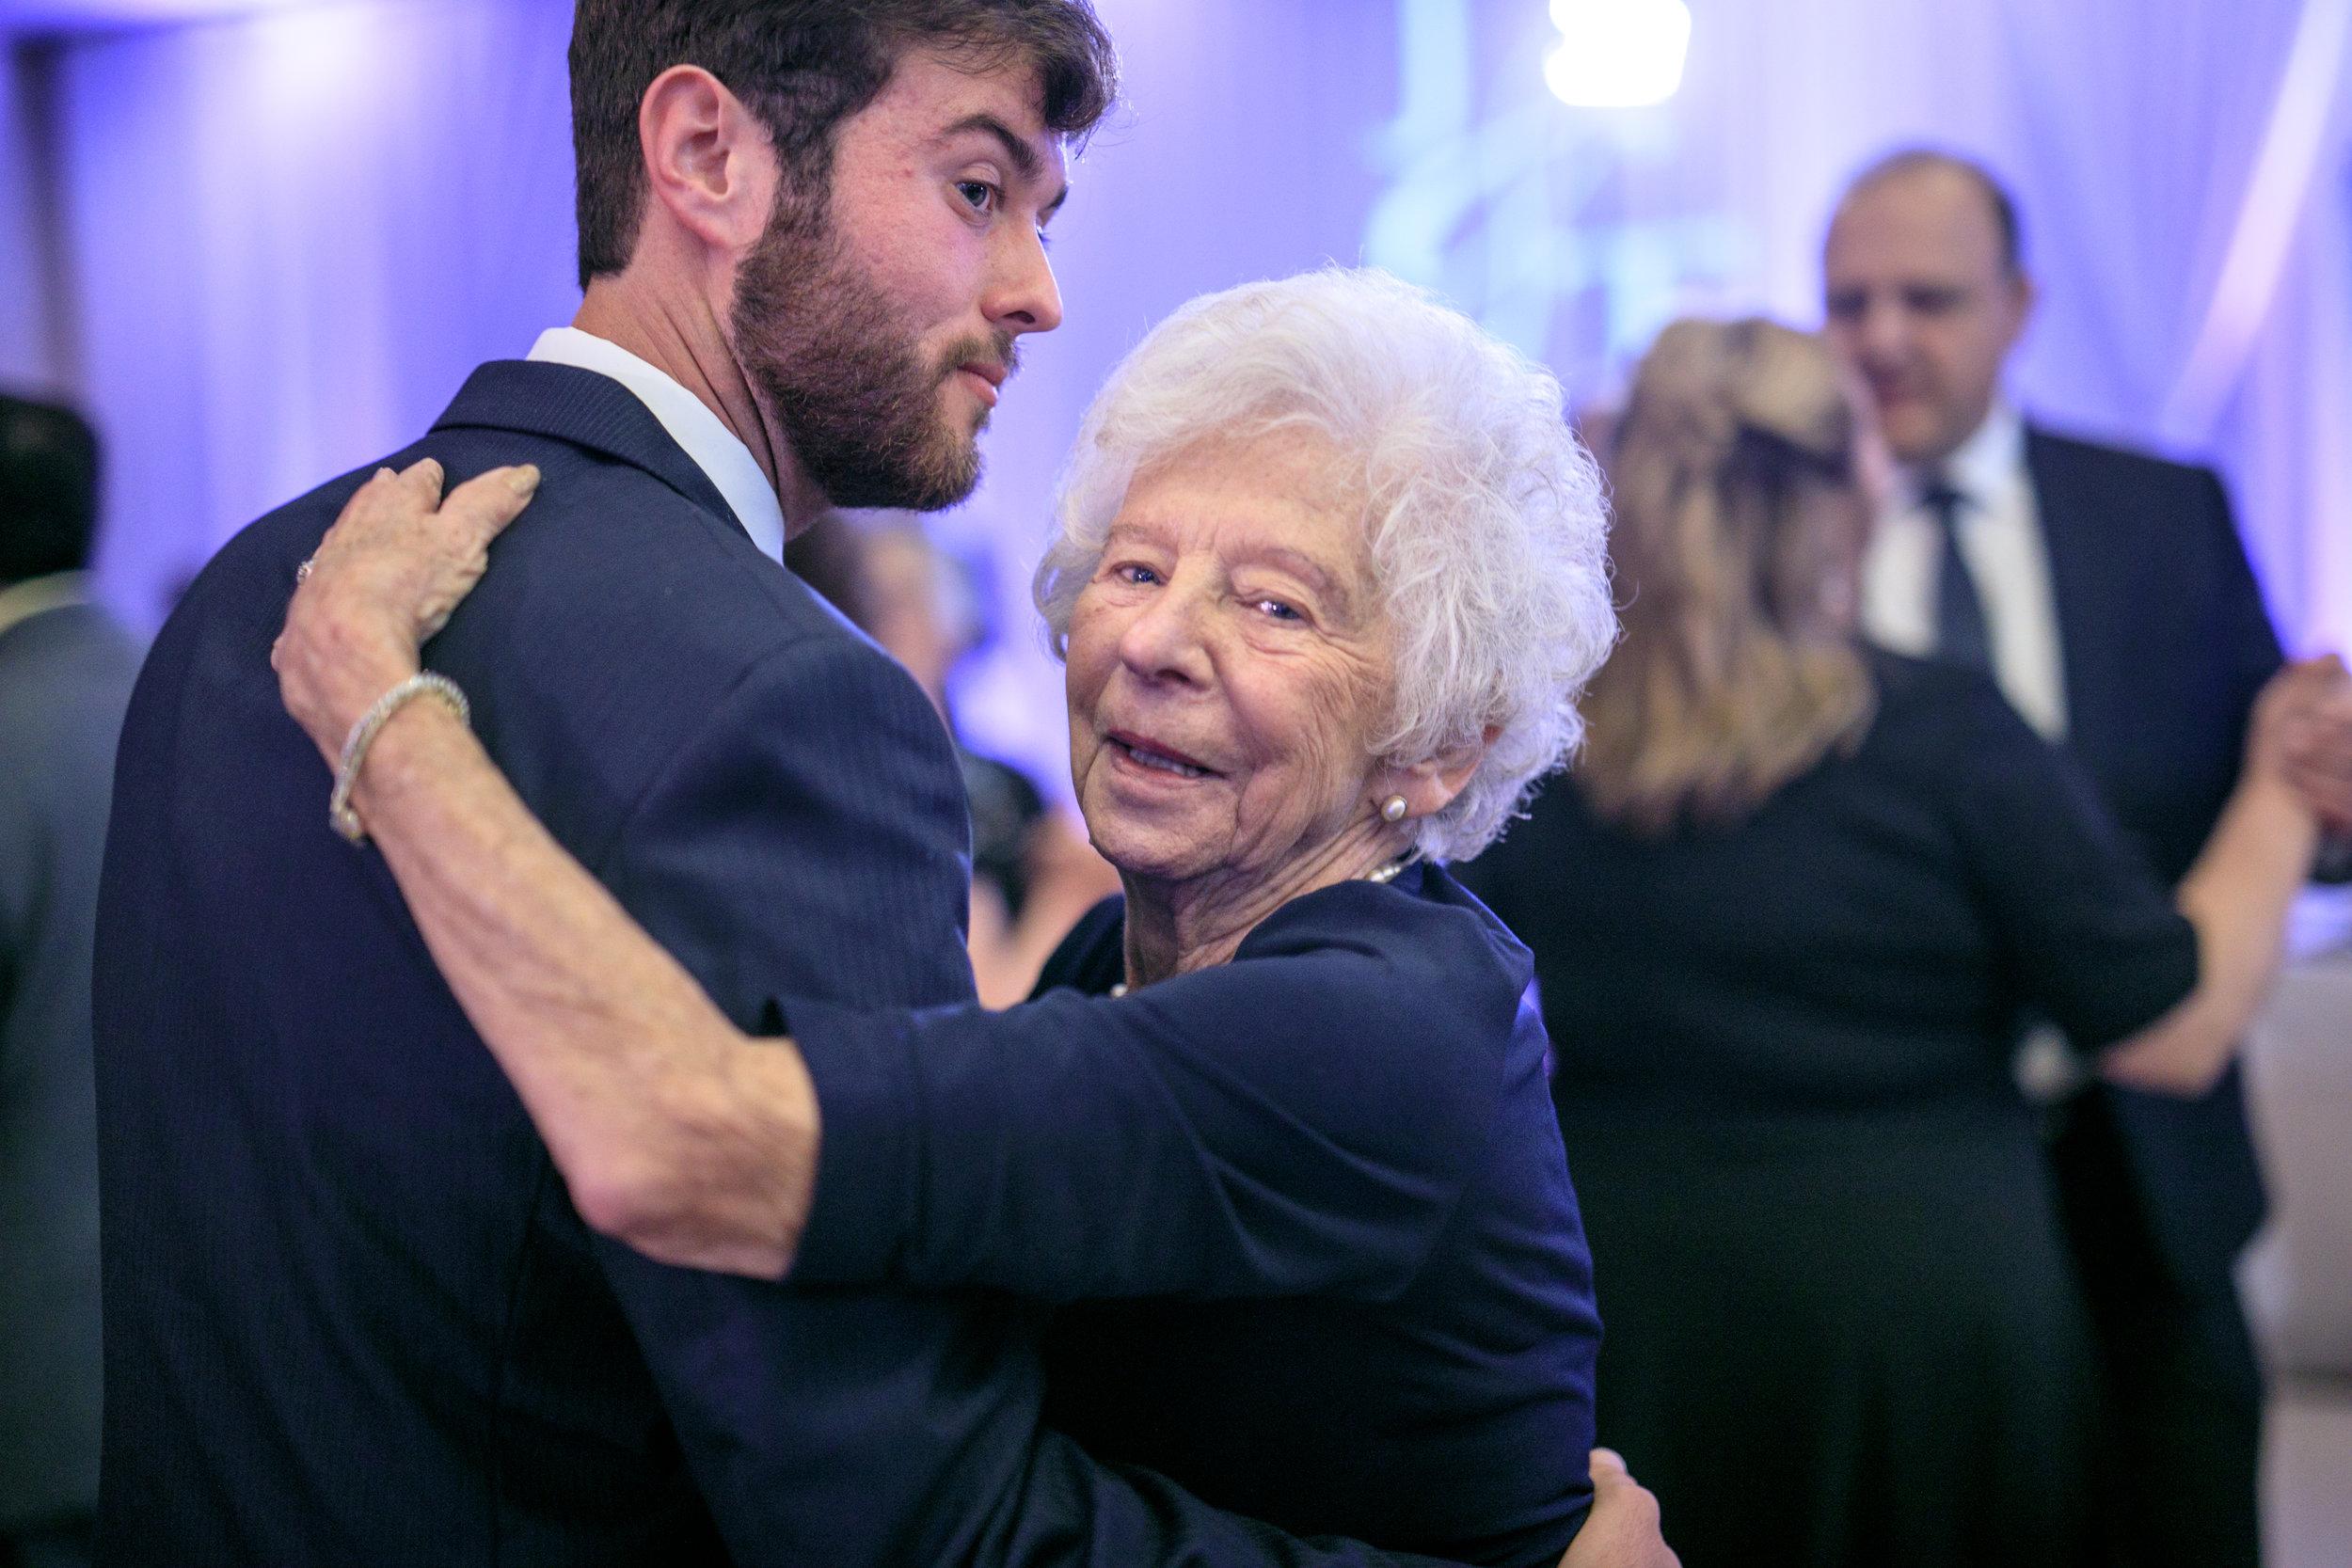 grandma-dancing-at-wedding.jpg